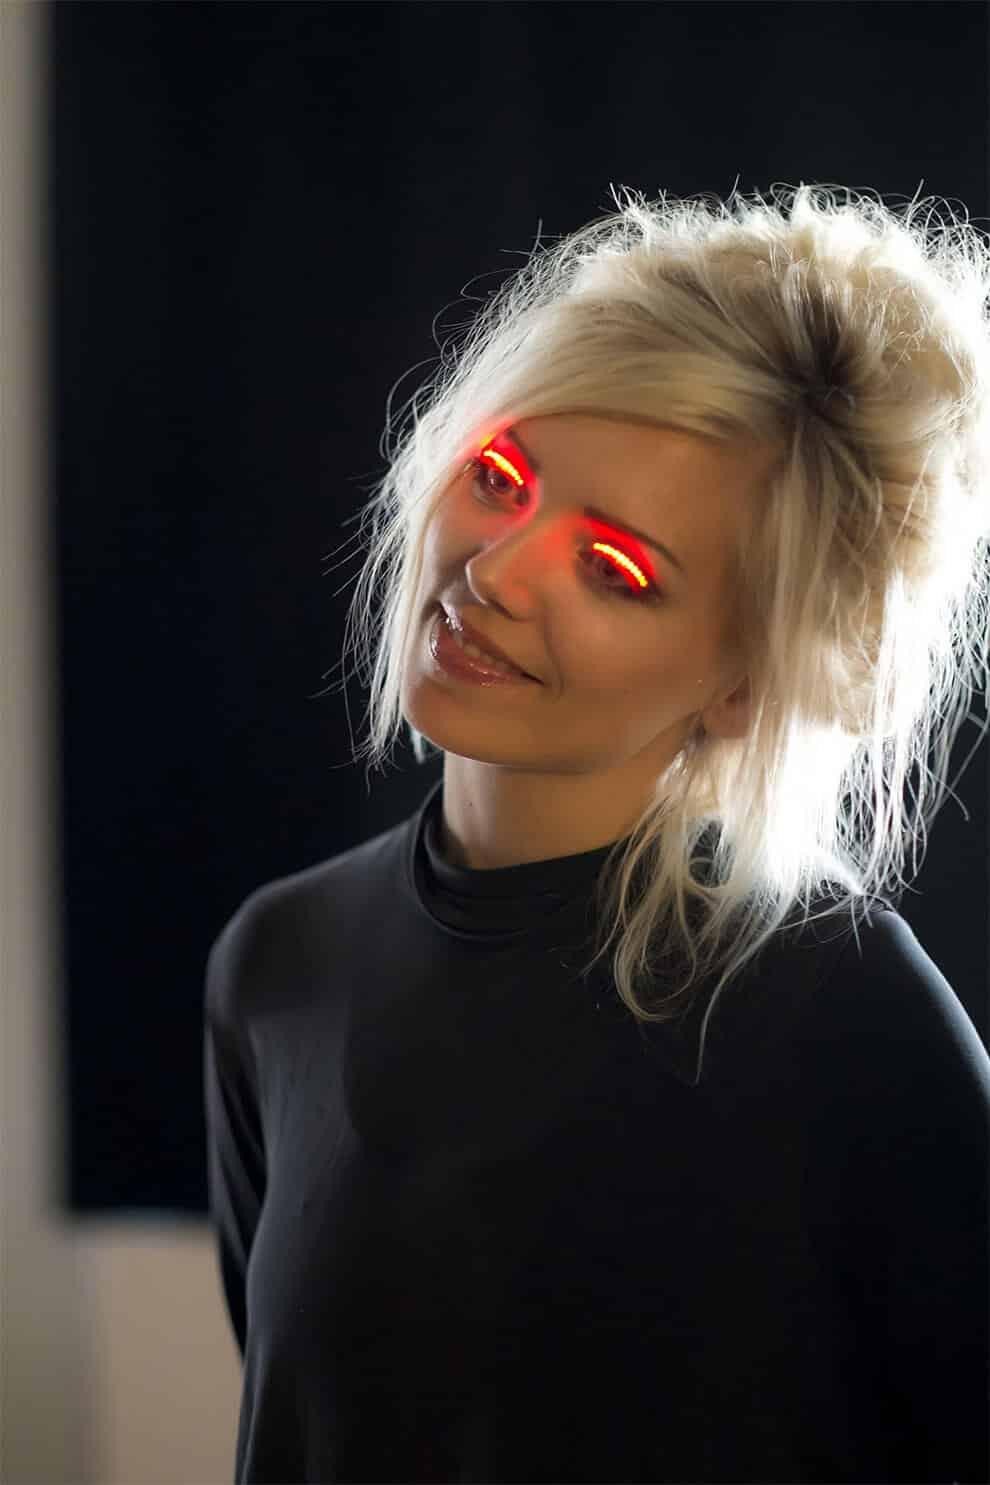 Светодиодные светящиеся ресницы f.lashes, фото 5